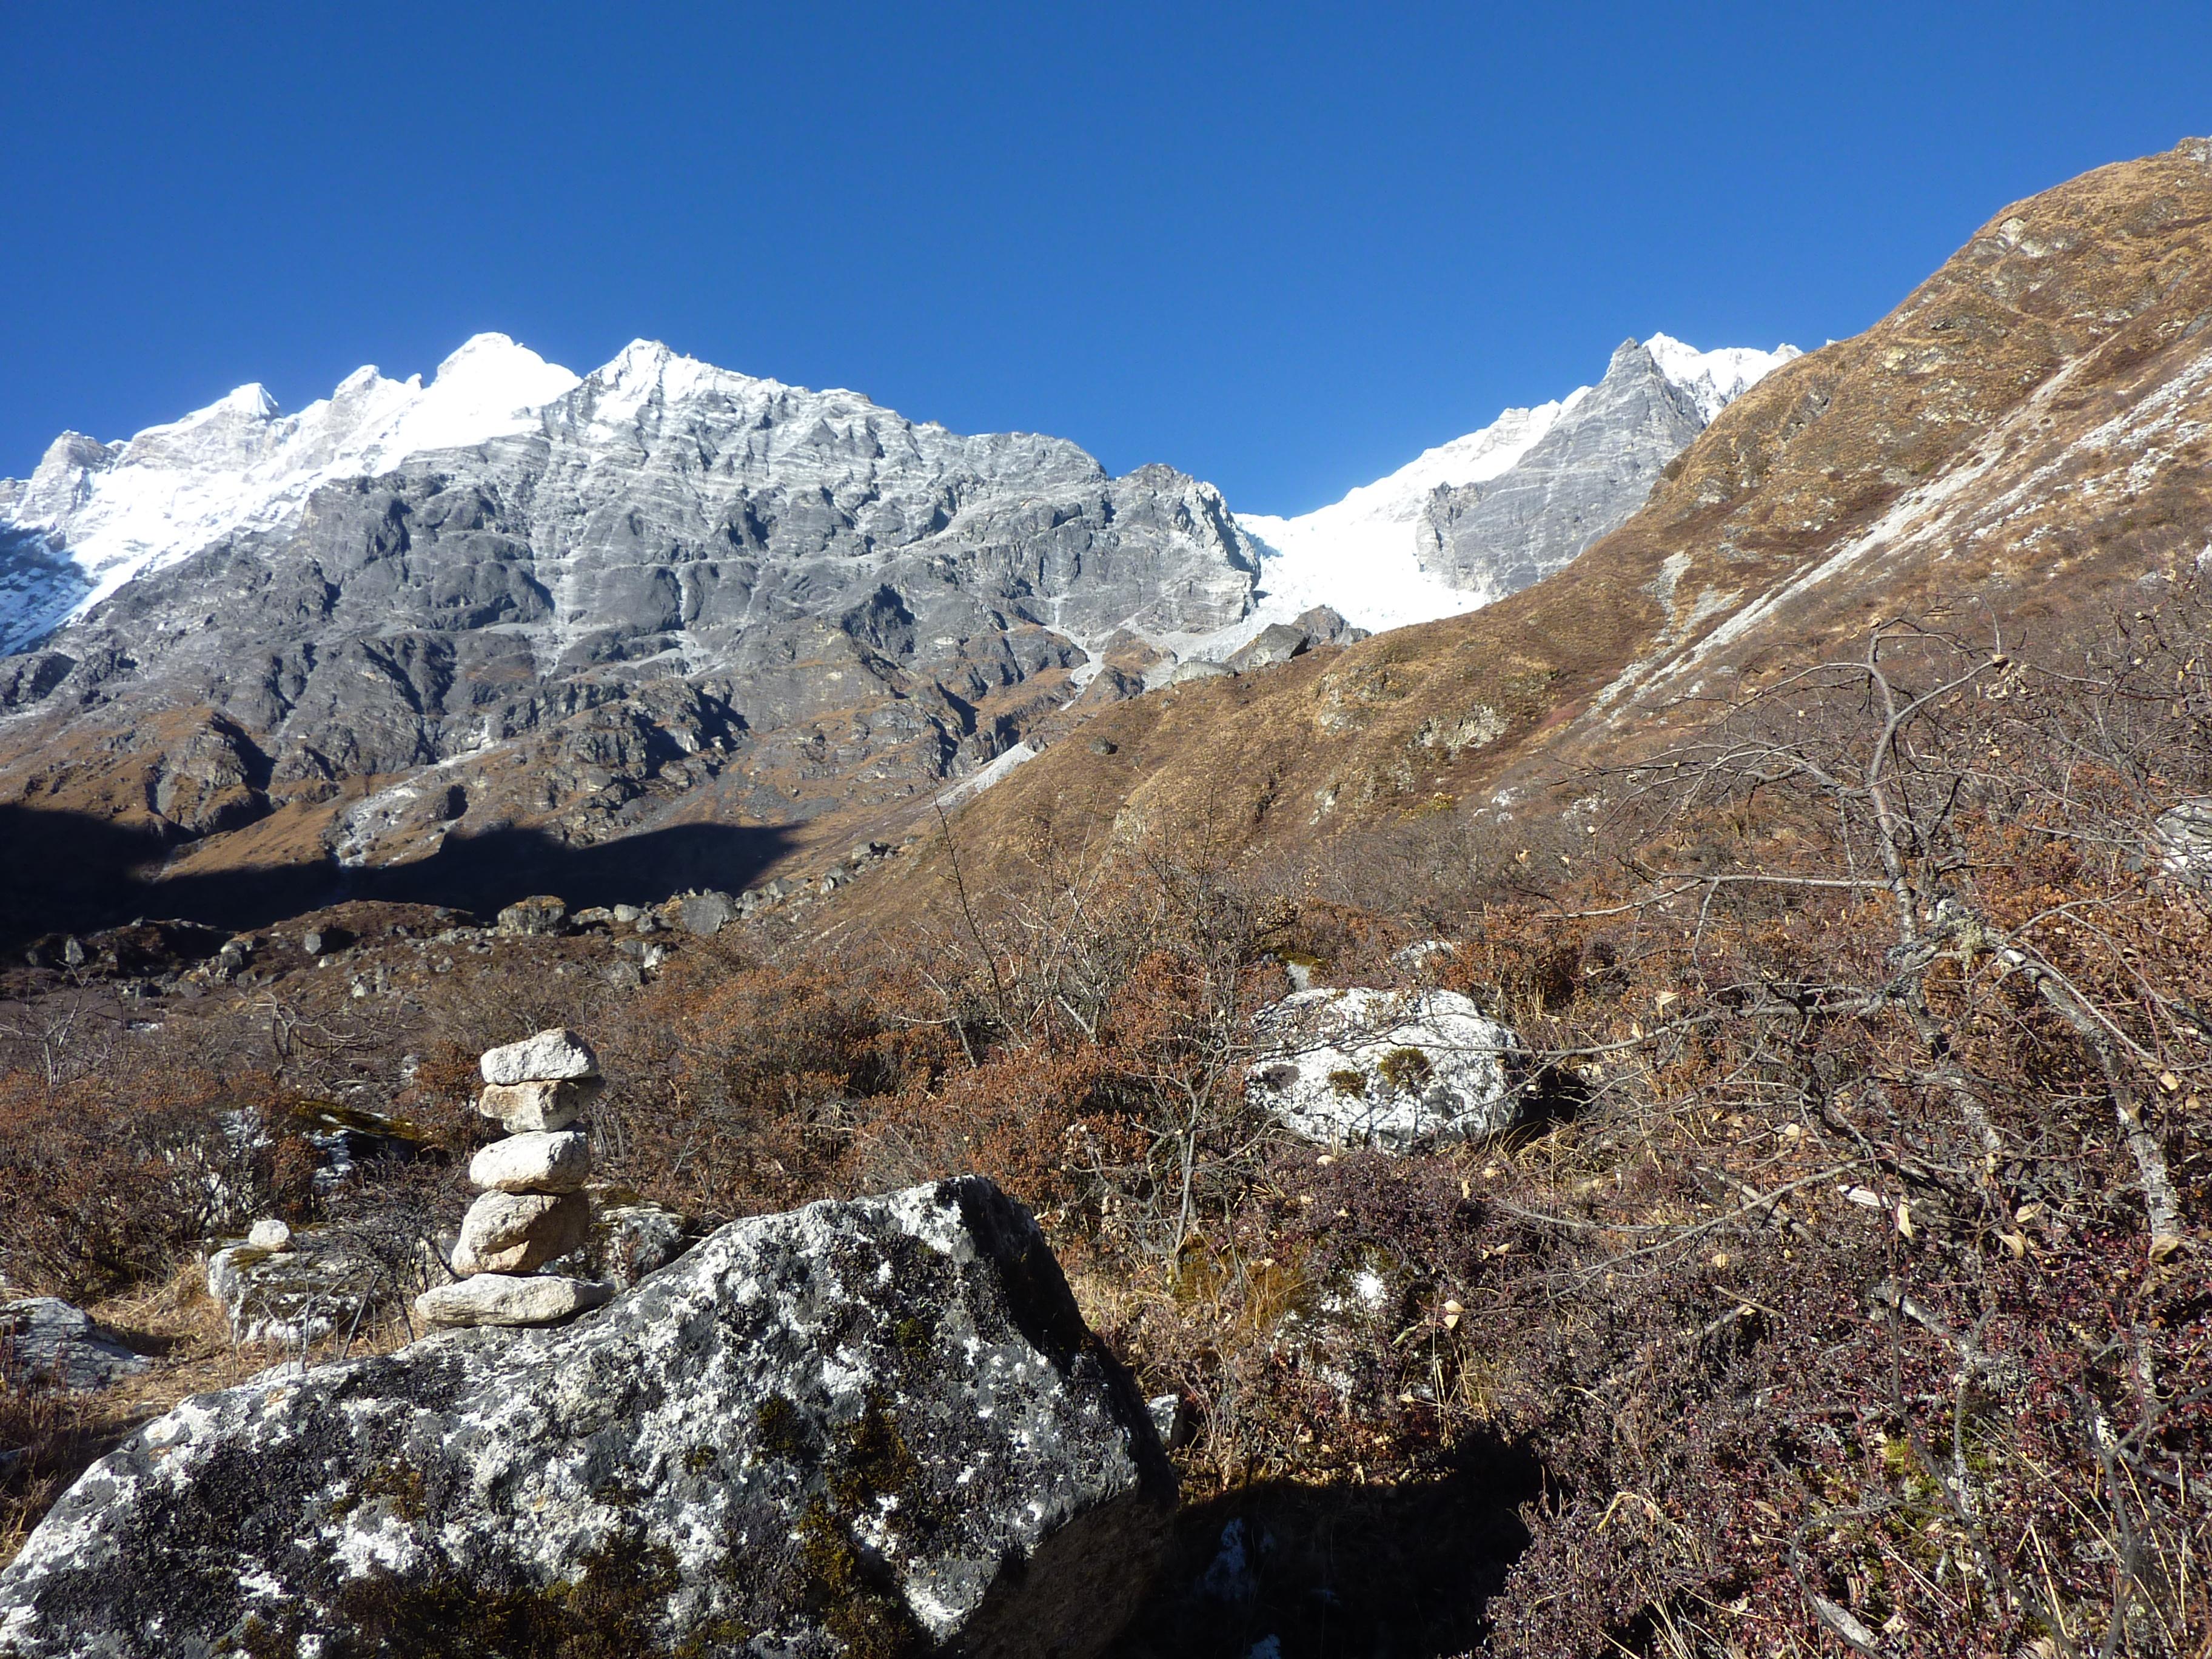 The Lirung Valley